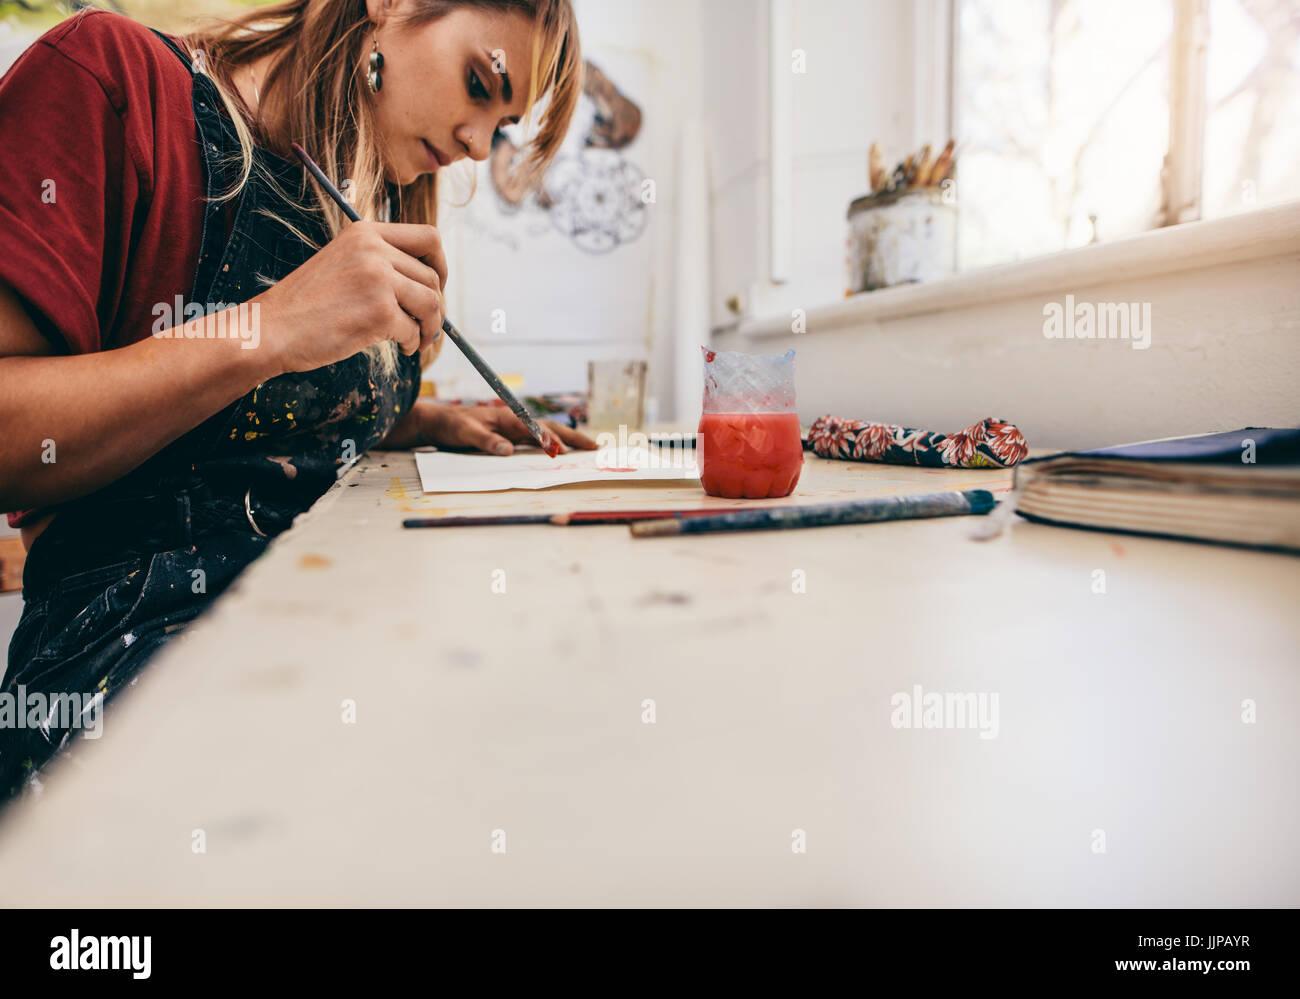 Image de belle femme photos de dessin dans son atelier. Peinture femme artiste dans son studio. Photo Stock